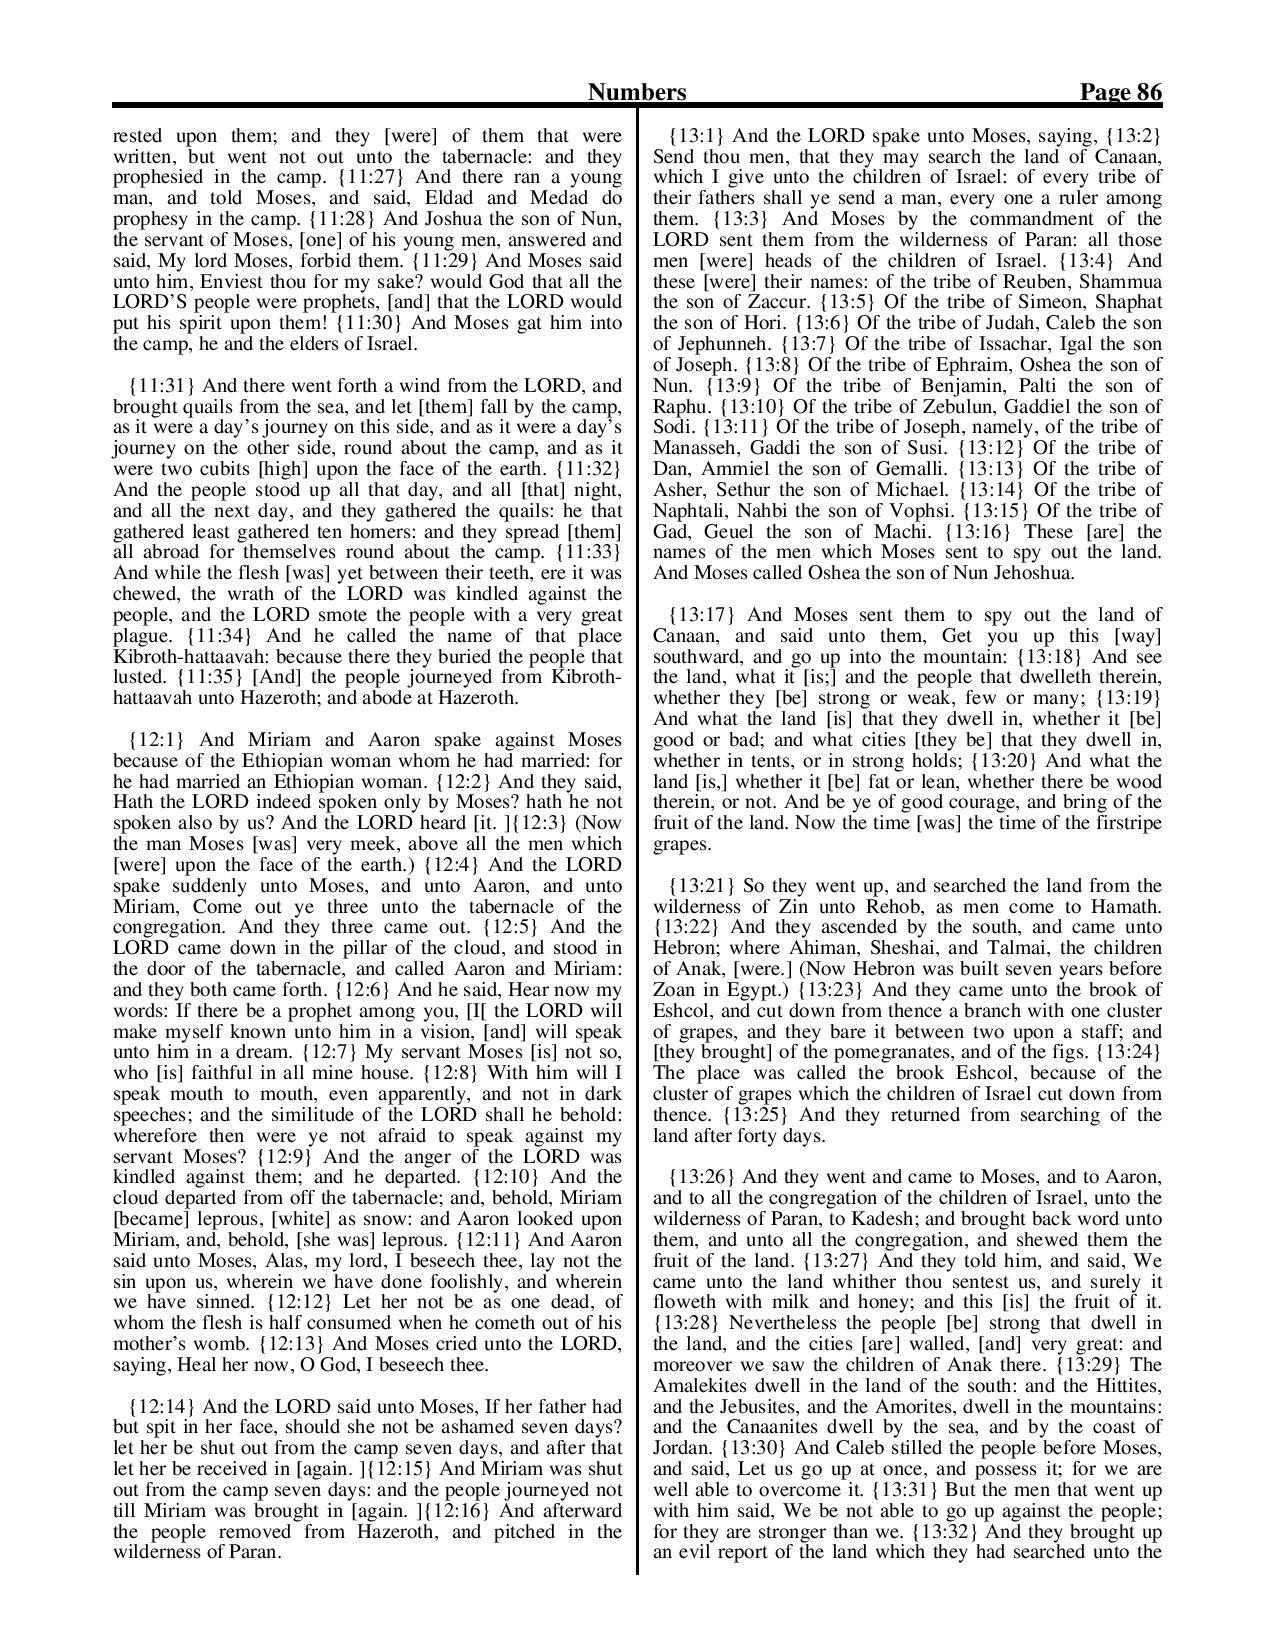 King-James-Bible-KJV-Bible-PDF-page-107